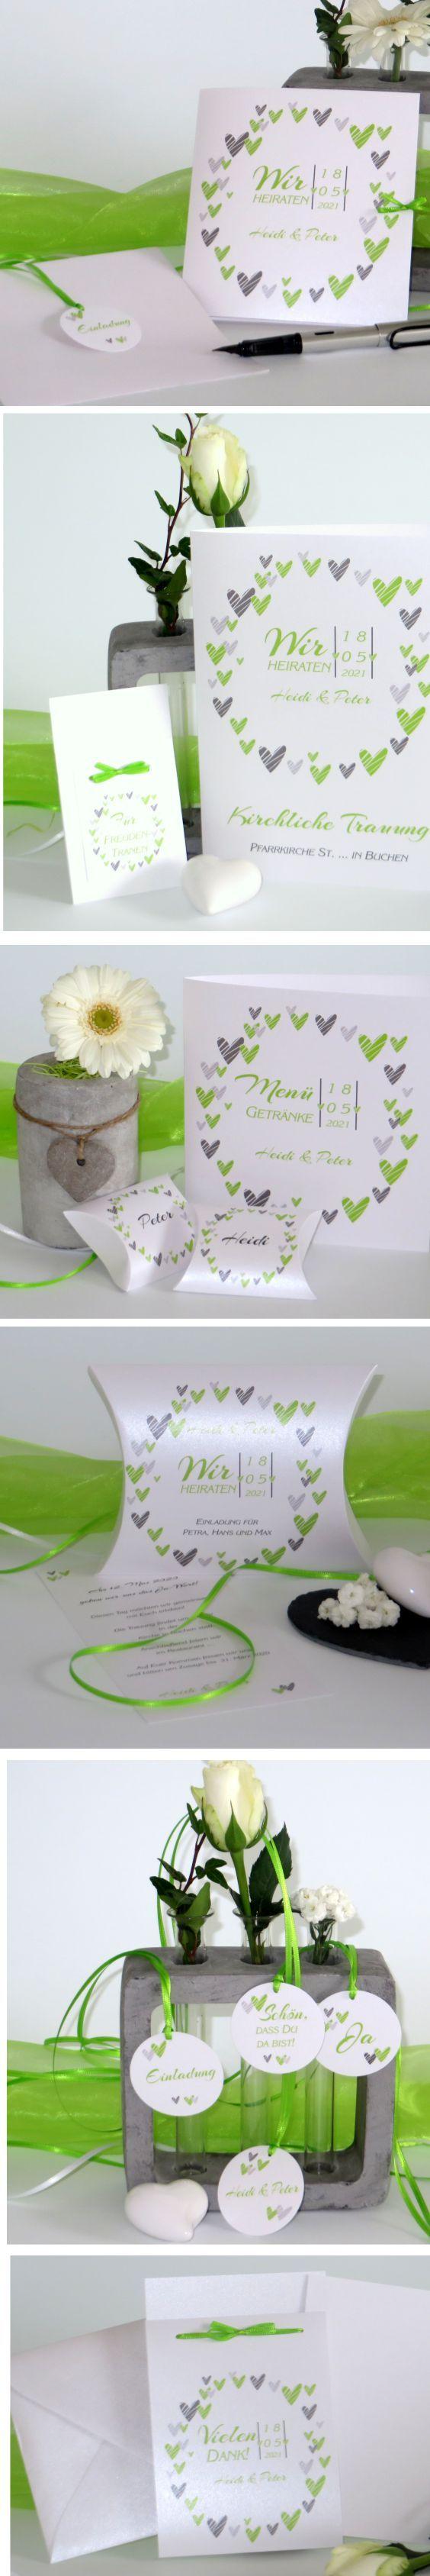 Hochzeitskarten mal anders. Modern und trendy ist das Design mit den gestreiften Herzen in grün. #hochzeit #hochzeitskarten #hochzeitsdeko #herzen #grün #design #trendy